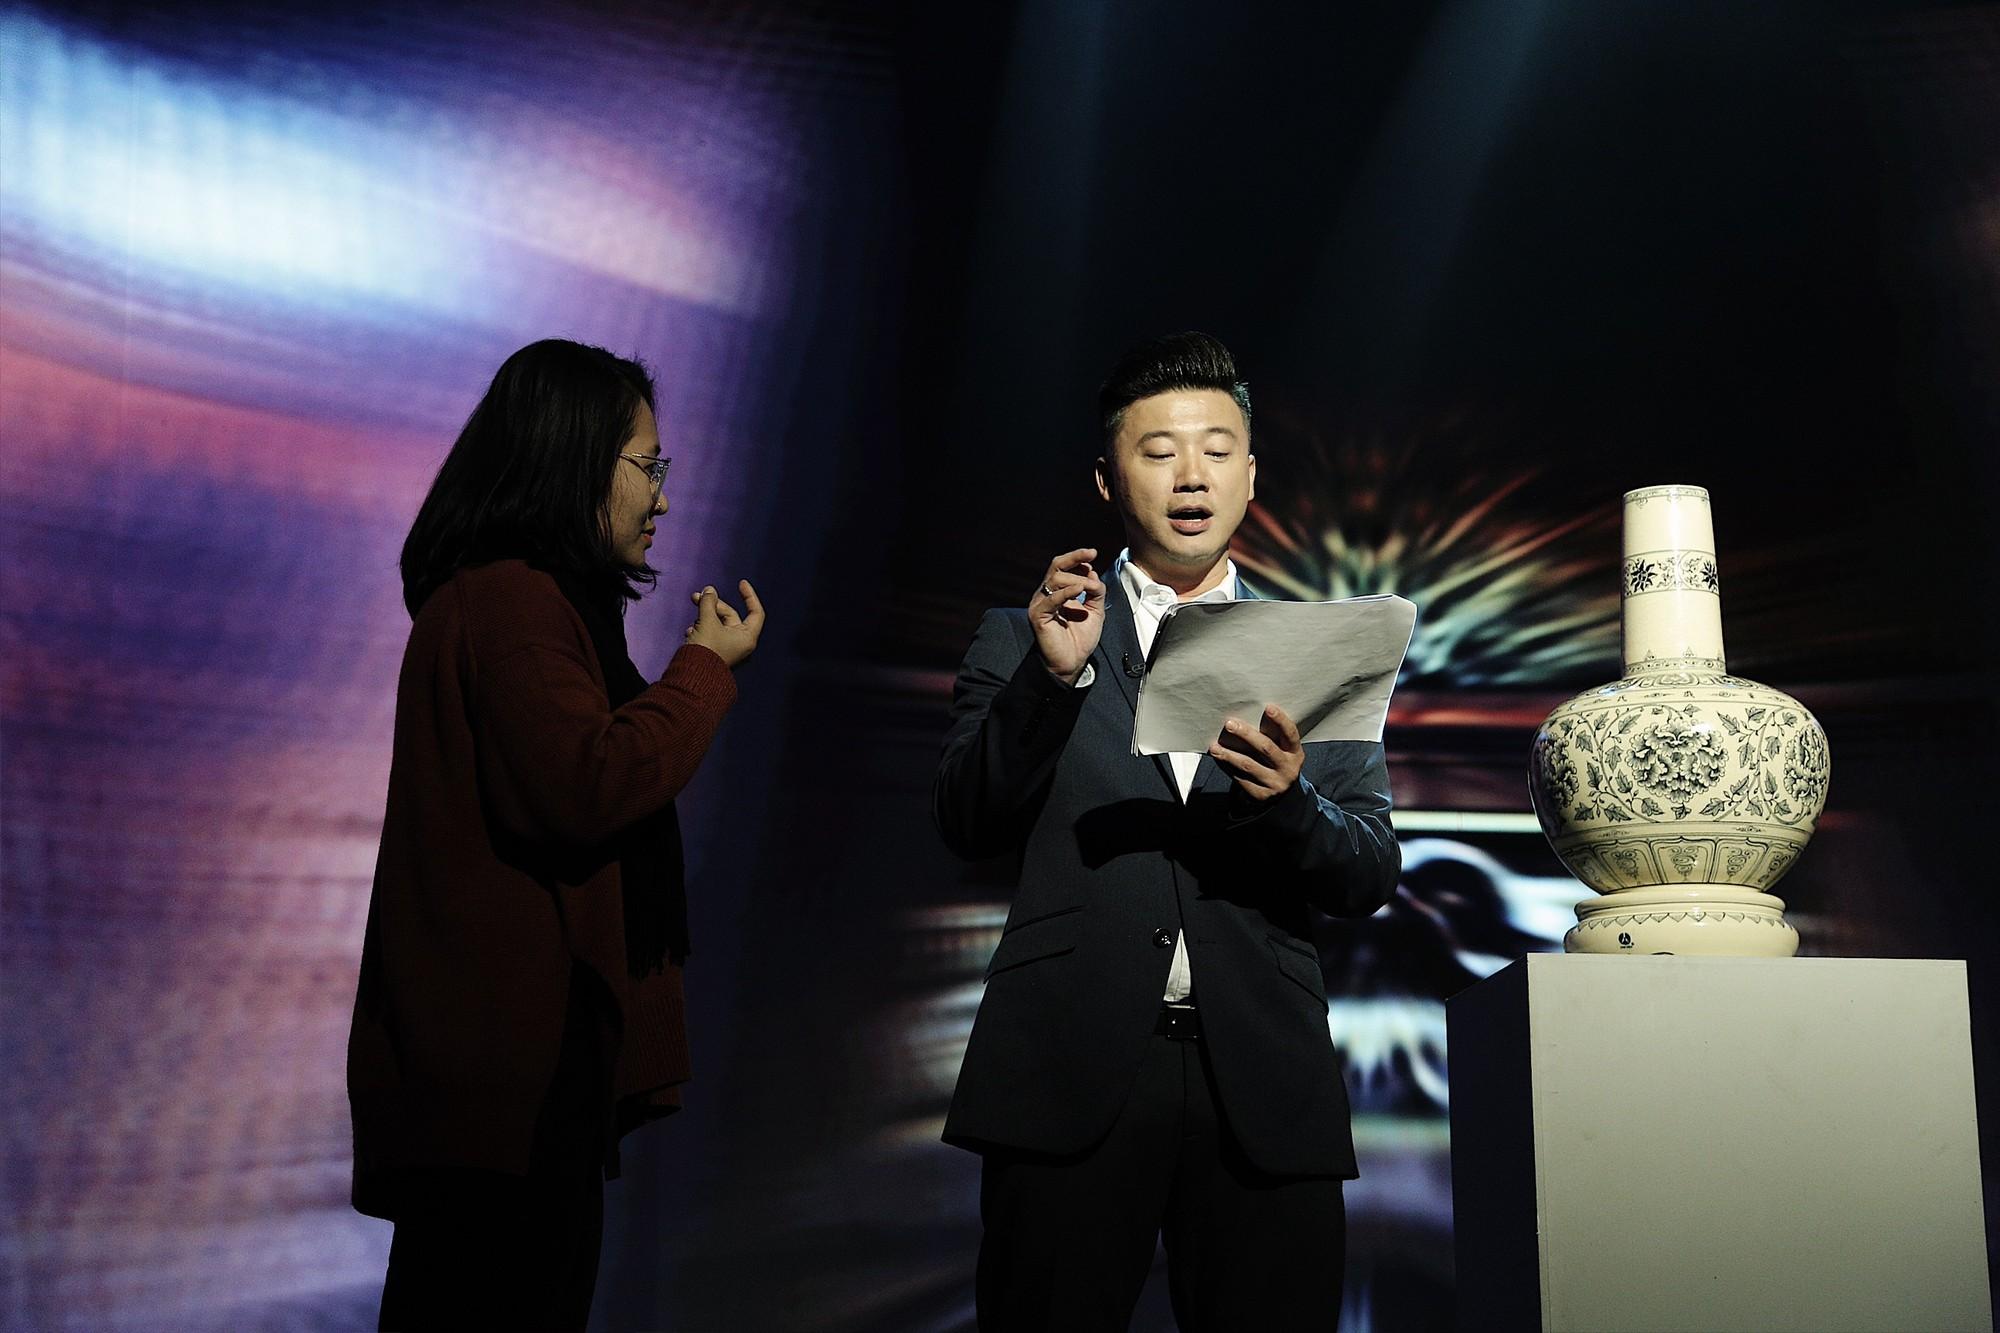 Ngày trở về 2019 - Giong buồm đón gió: Kể tiếp câu chuyện của những người Việt tài giỏi - Ảnh 4.